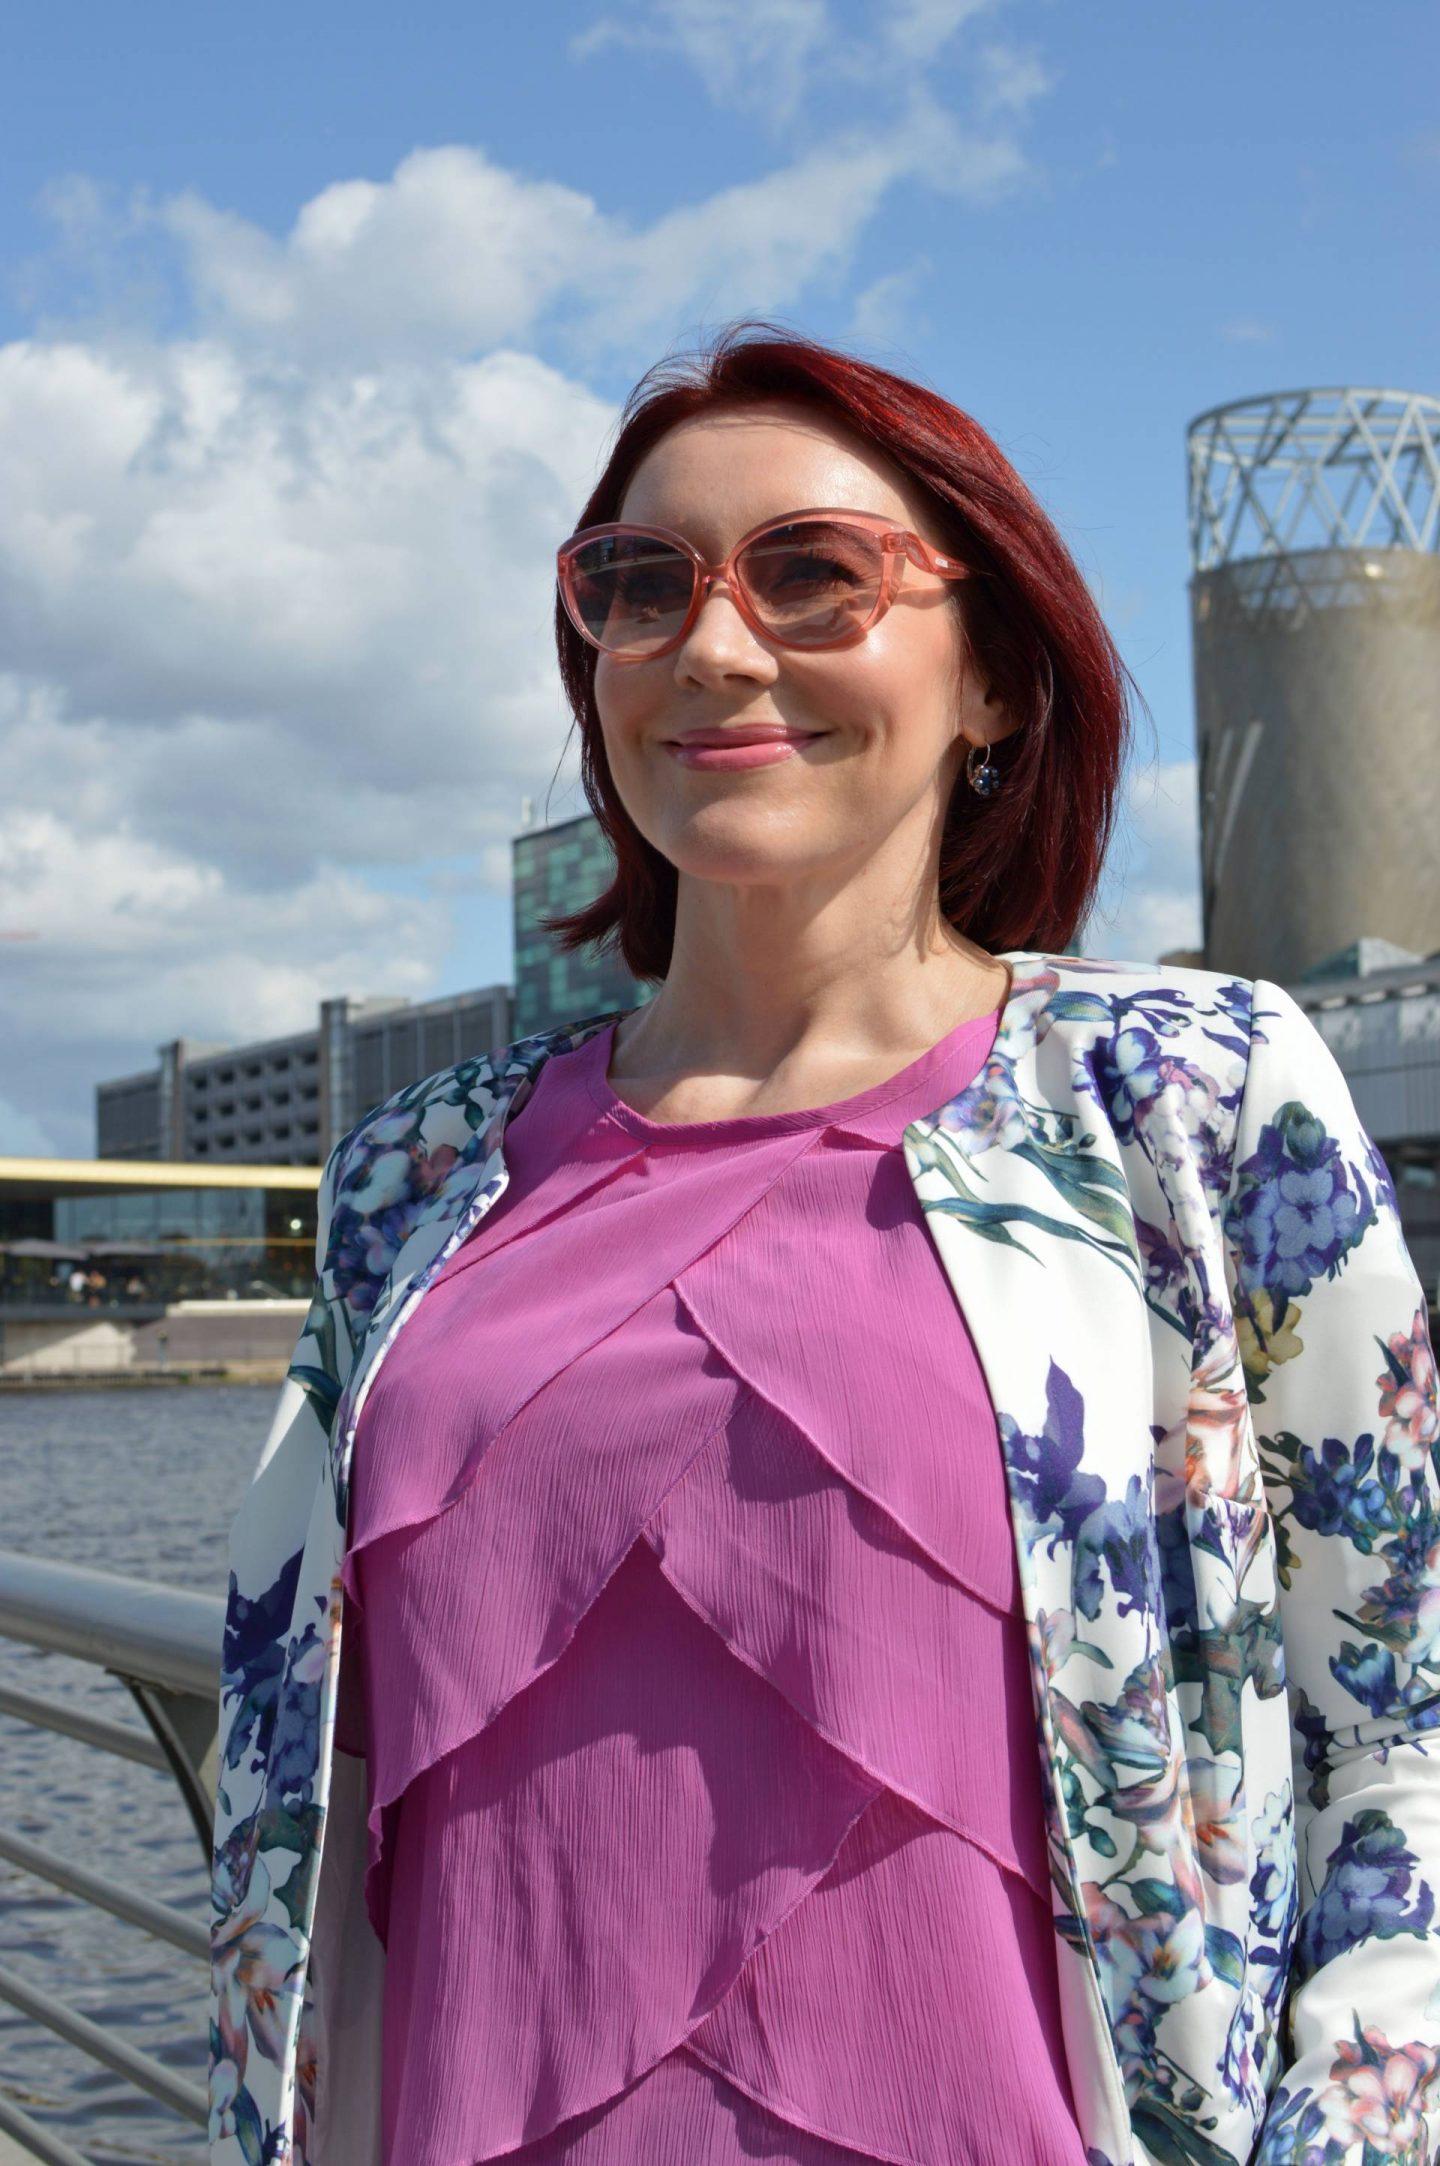 JD Williams Floral Print Longline Jacket and pink chiffon Per Una top